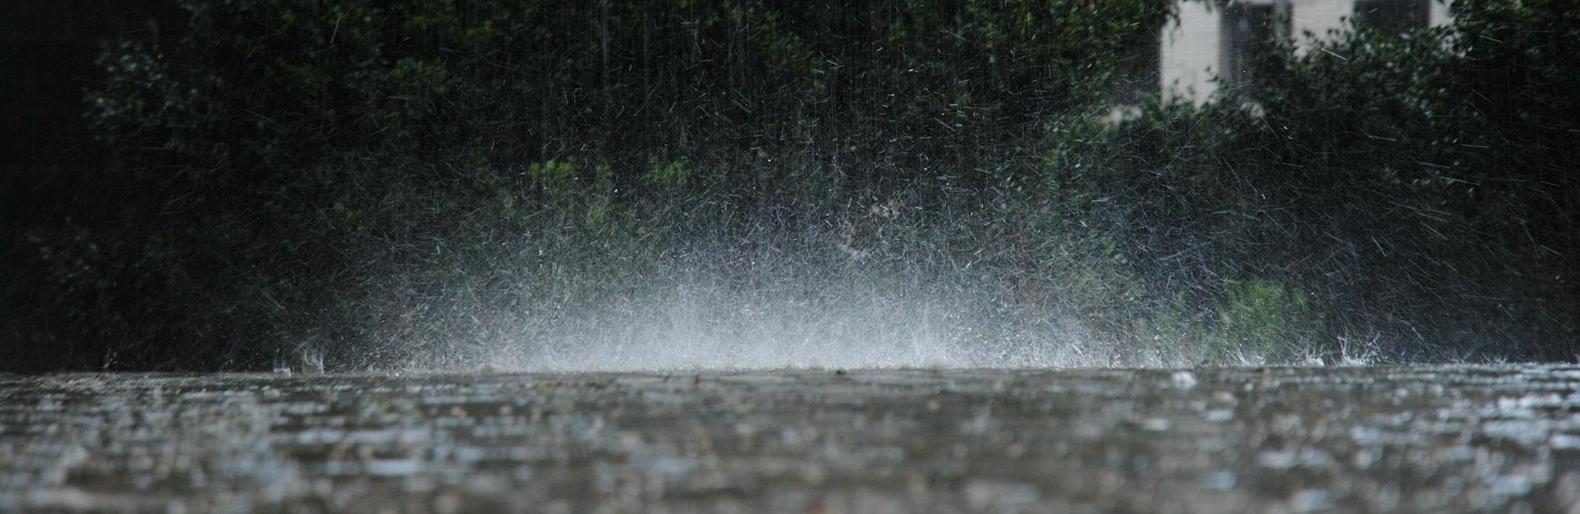 У середу та четвер на Прикарпатті очікуються грози та зливи